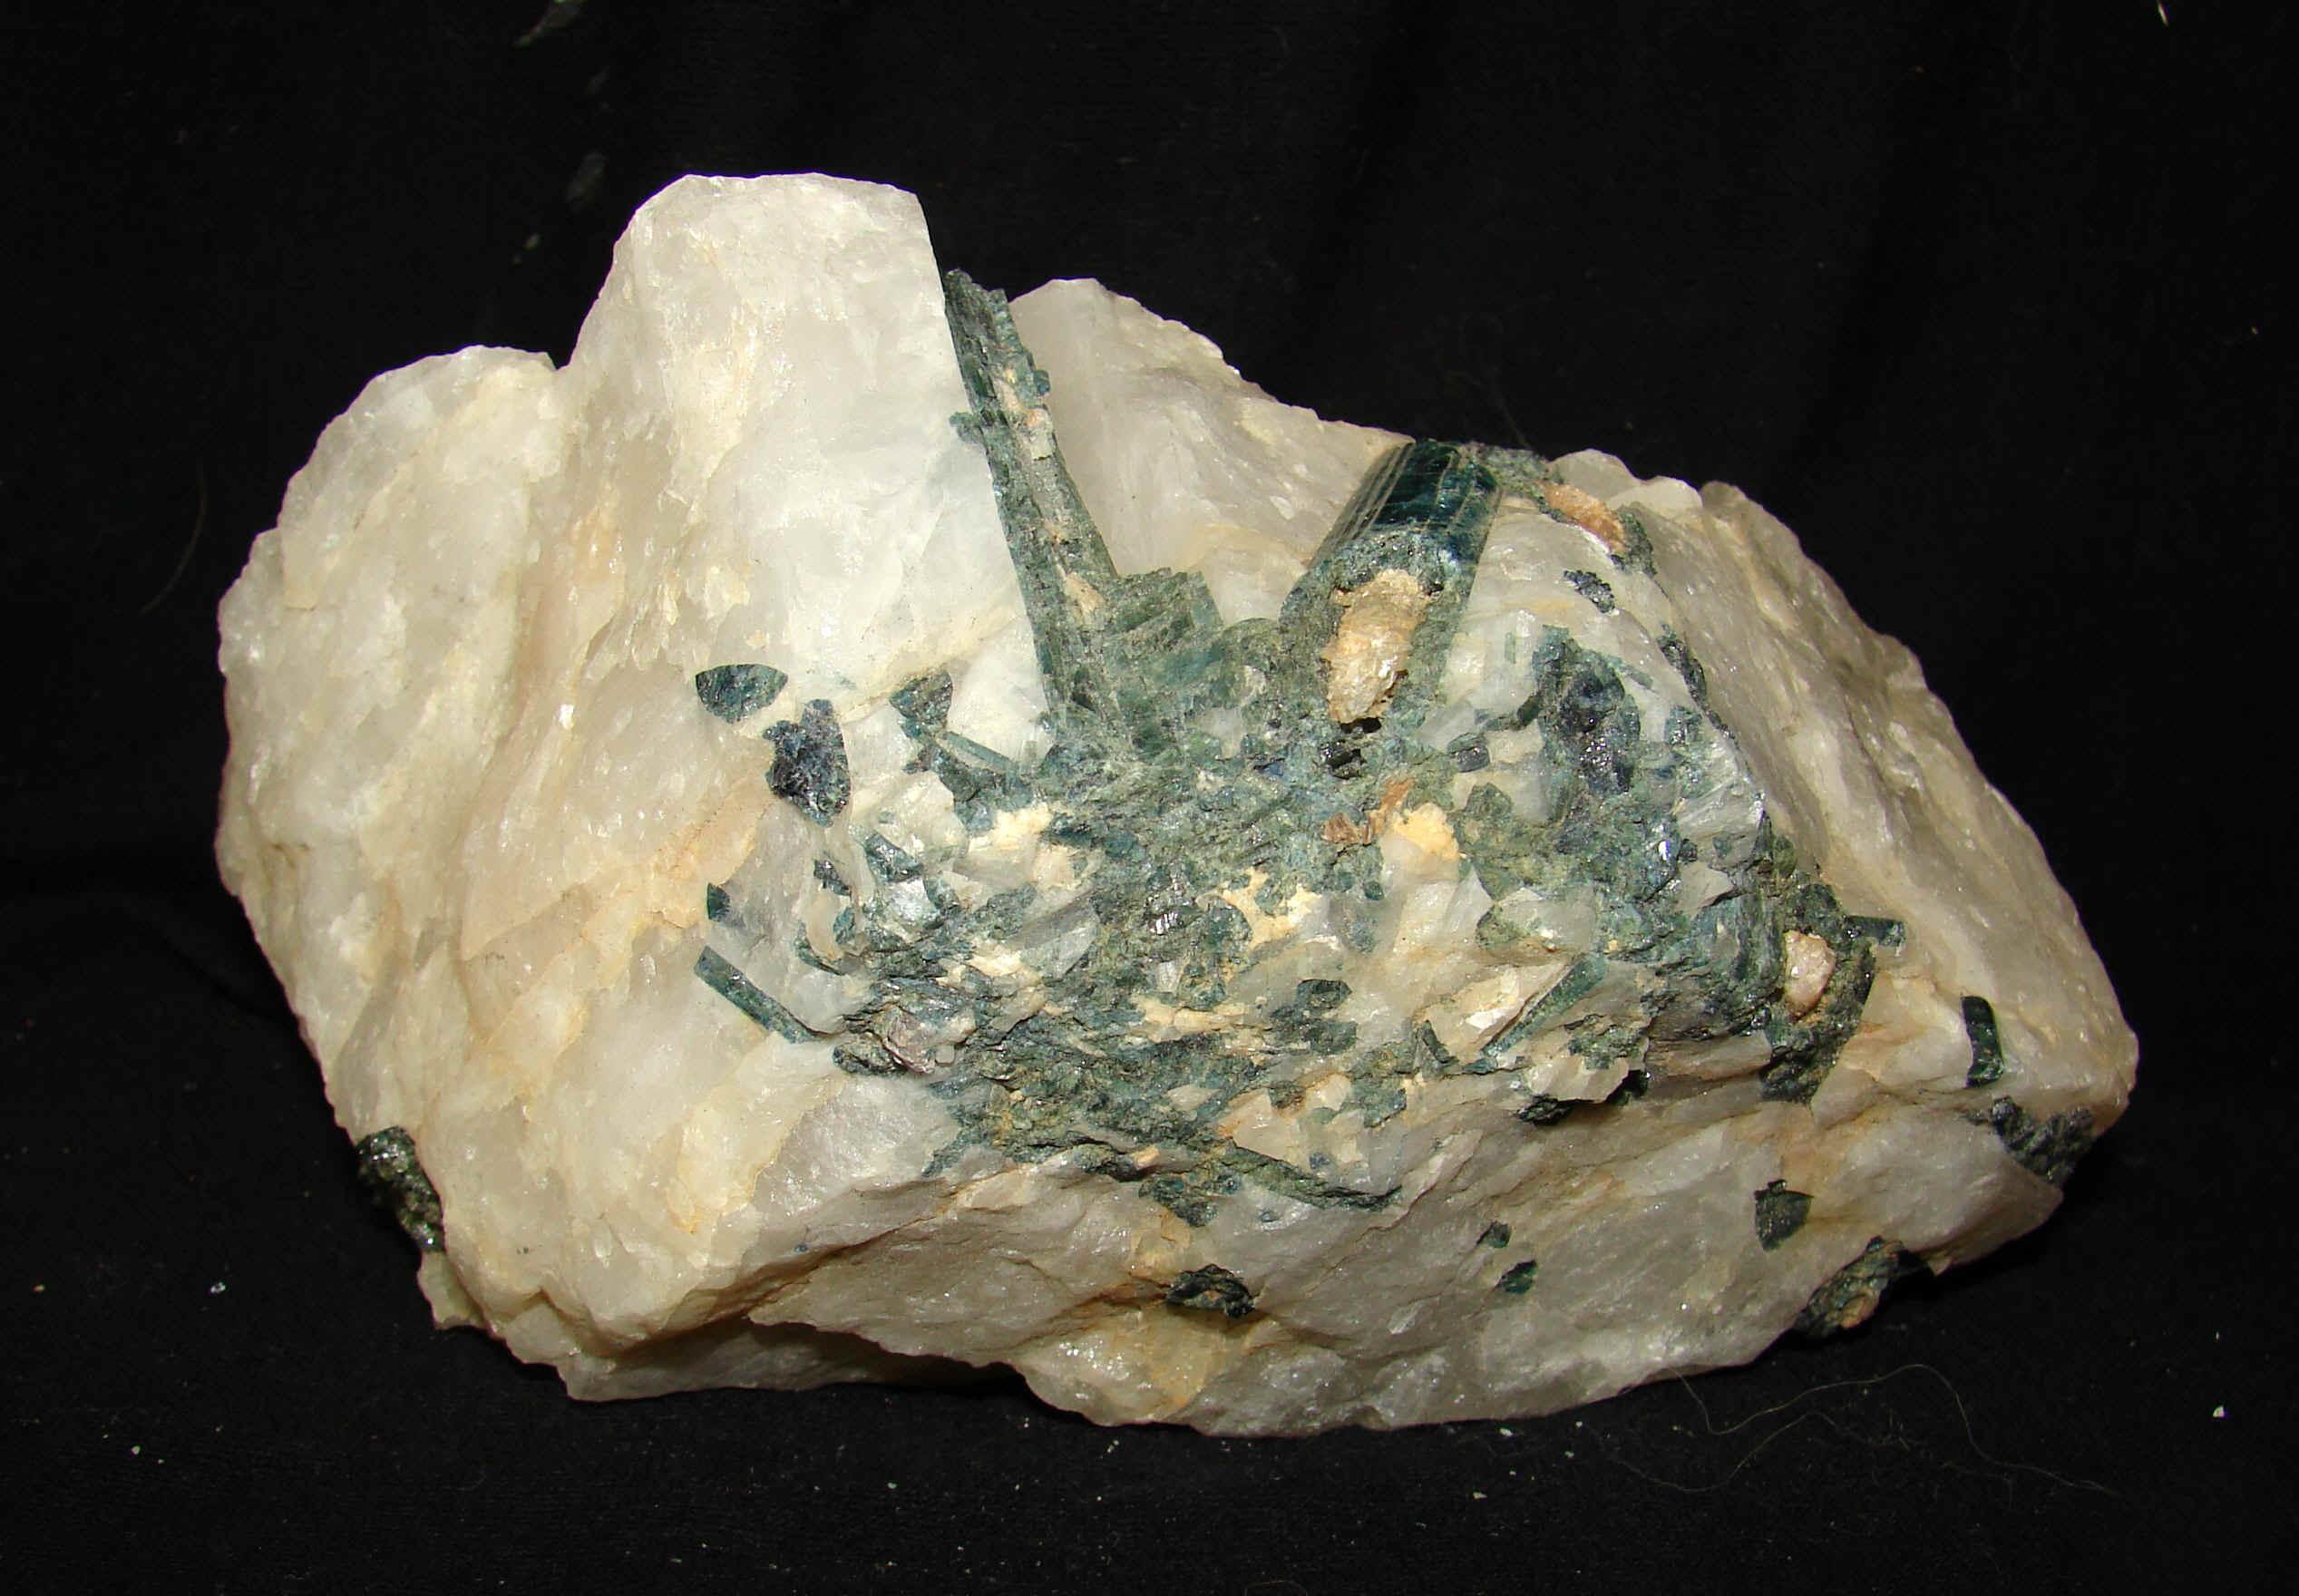 http://www.rockshops.net/tourmaline-12.jpg (582341 bytes)